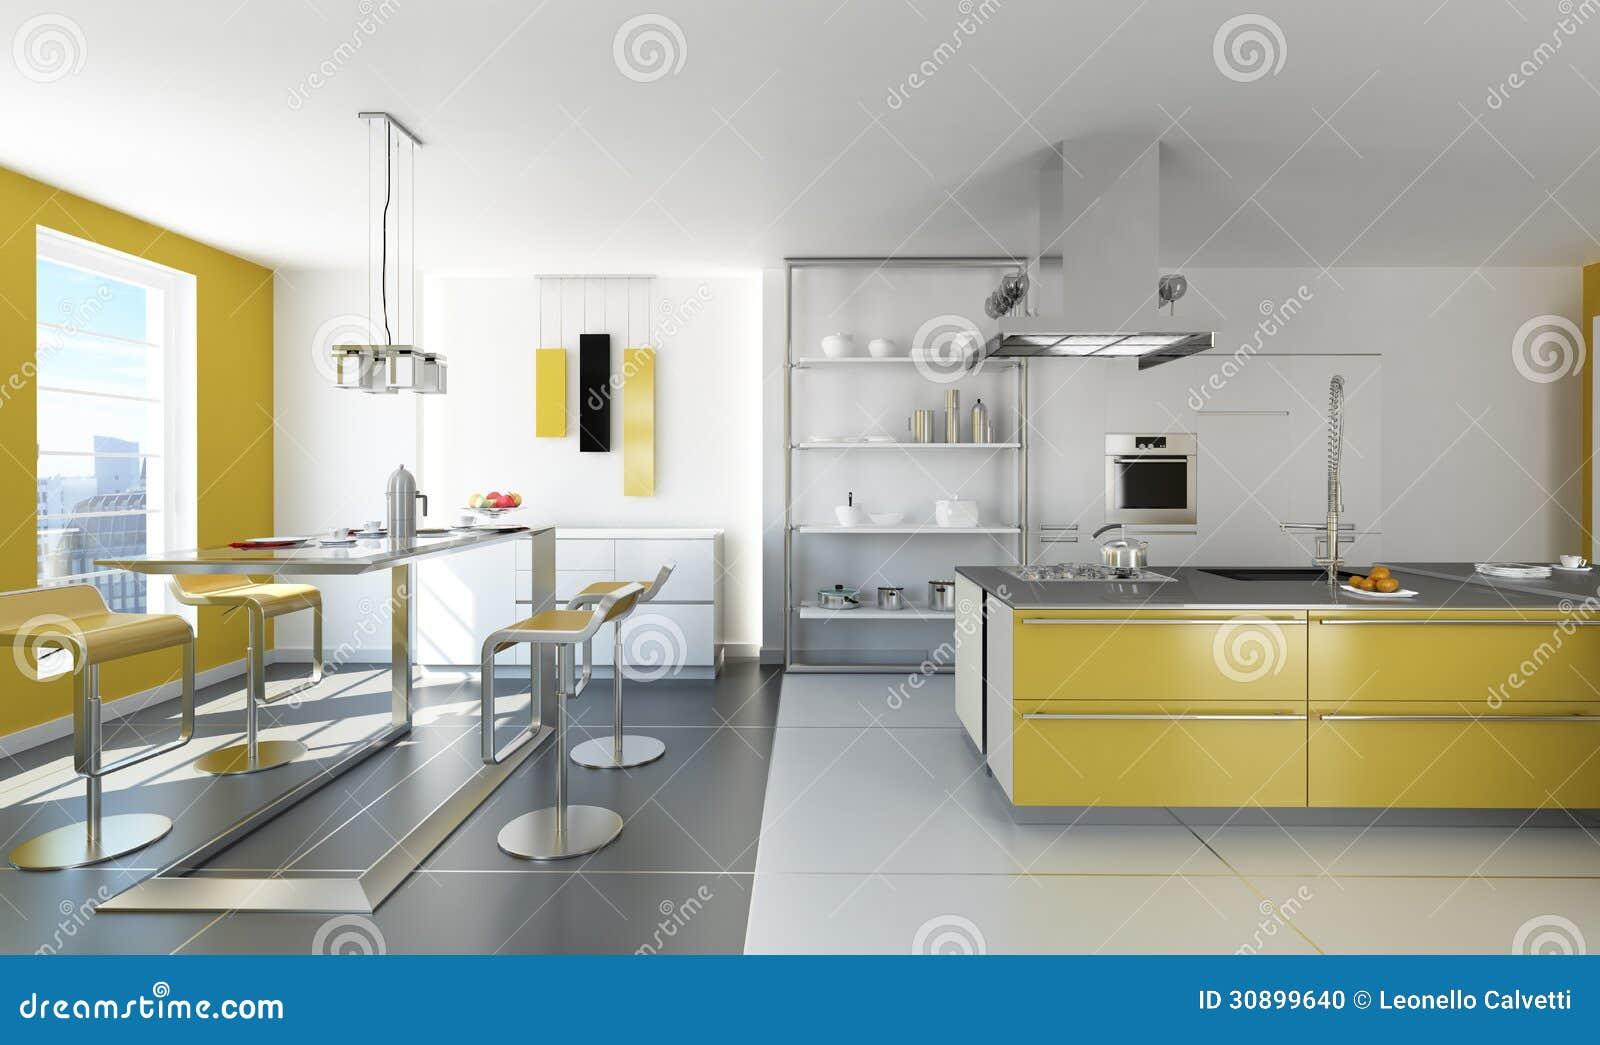 Wibamp Com Cozinha Americana Branca E Amarela Id Ias Do Projeto